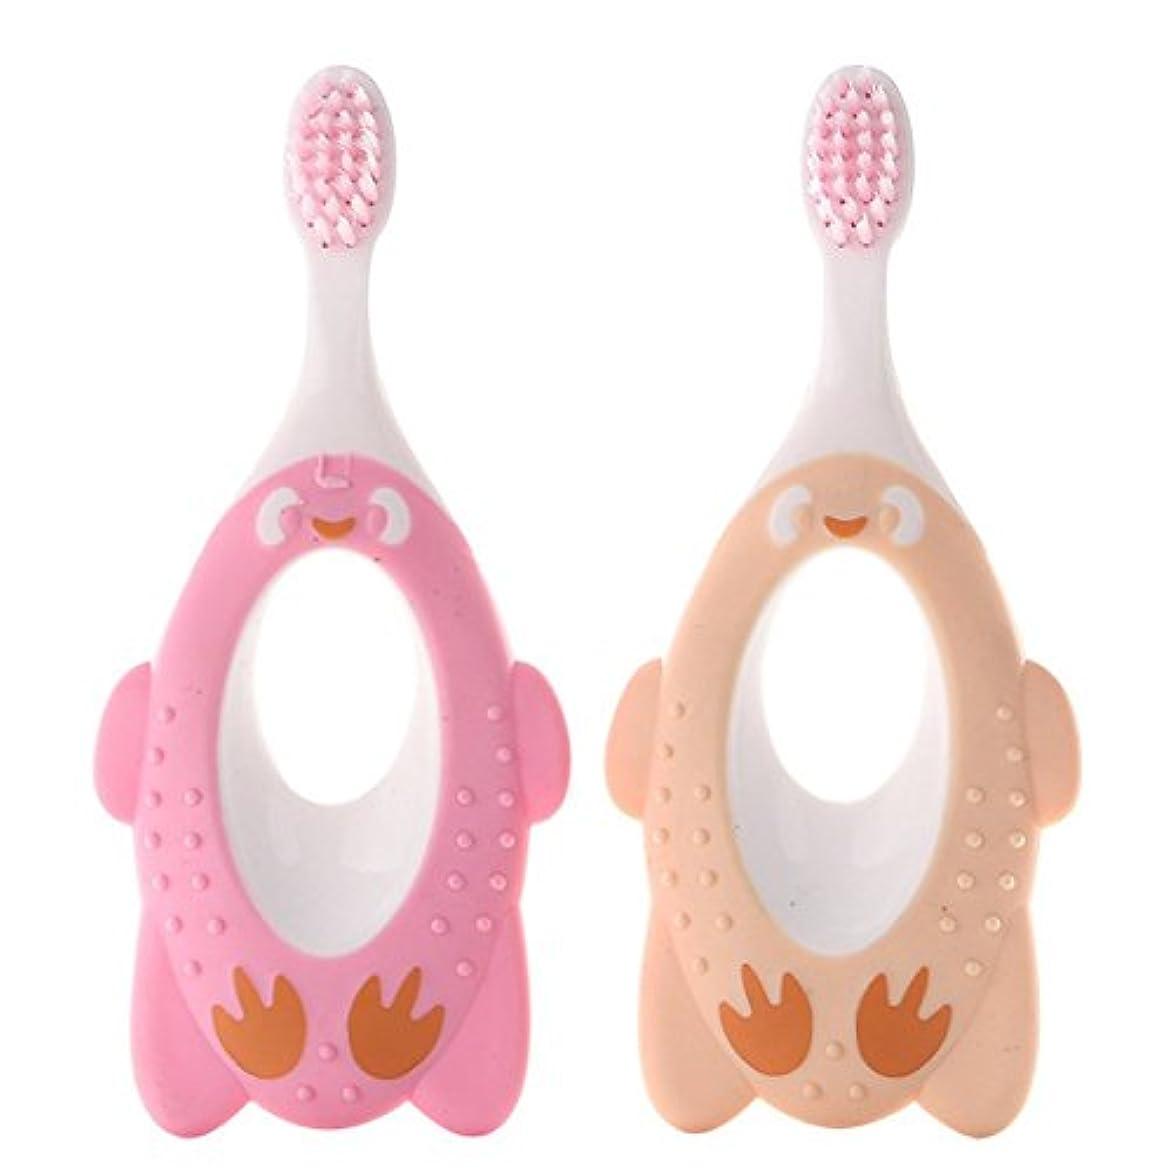 失望させるレンドコミット歯ブラシ ハブラシ 園児用 子供 子ども オーラルケア 歯が生えはじめたらお口のケア(色のランダム)